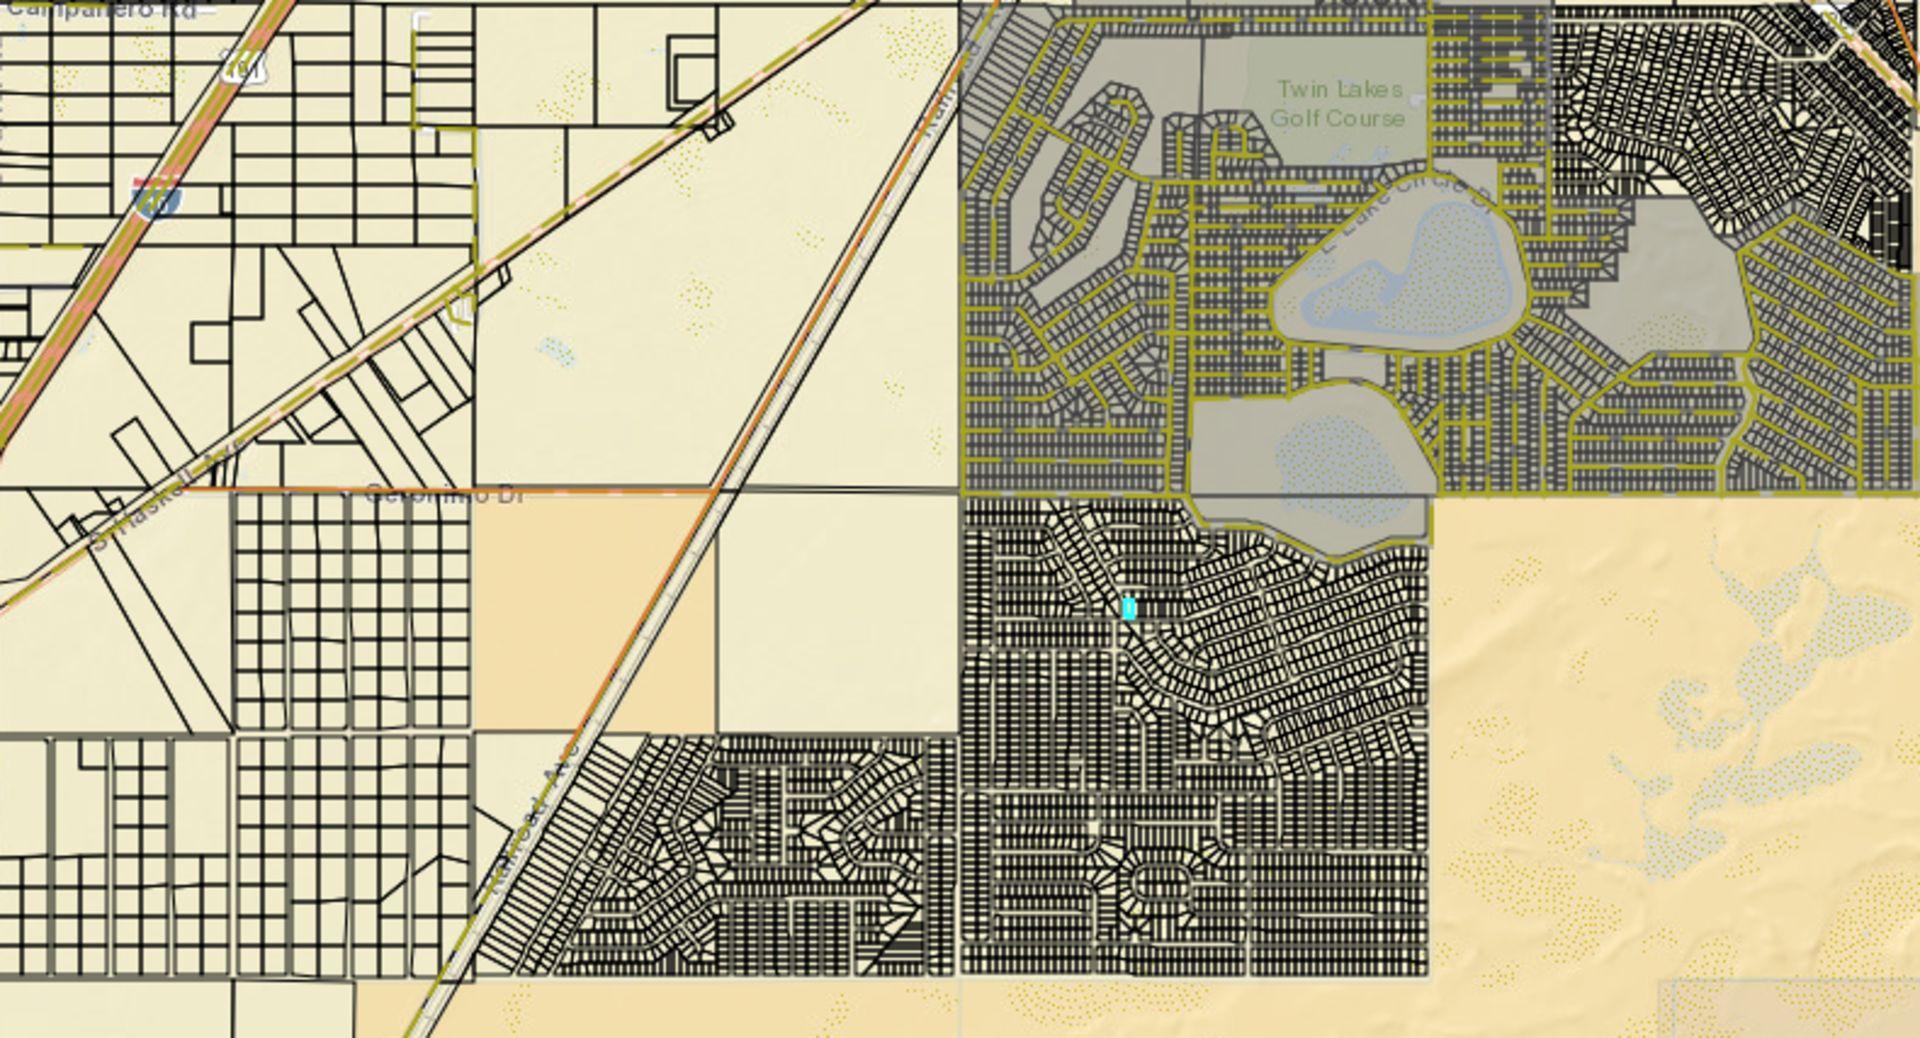 Mesmerizing Cochise County, AZ! - Image 3 of 6